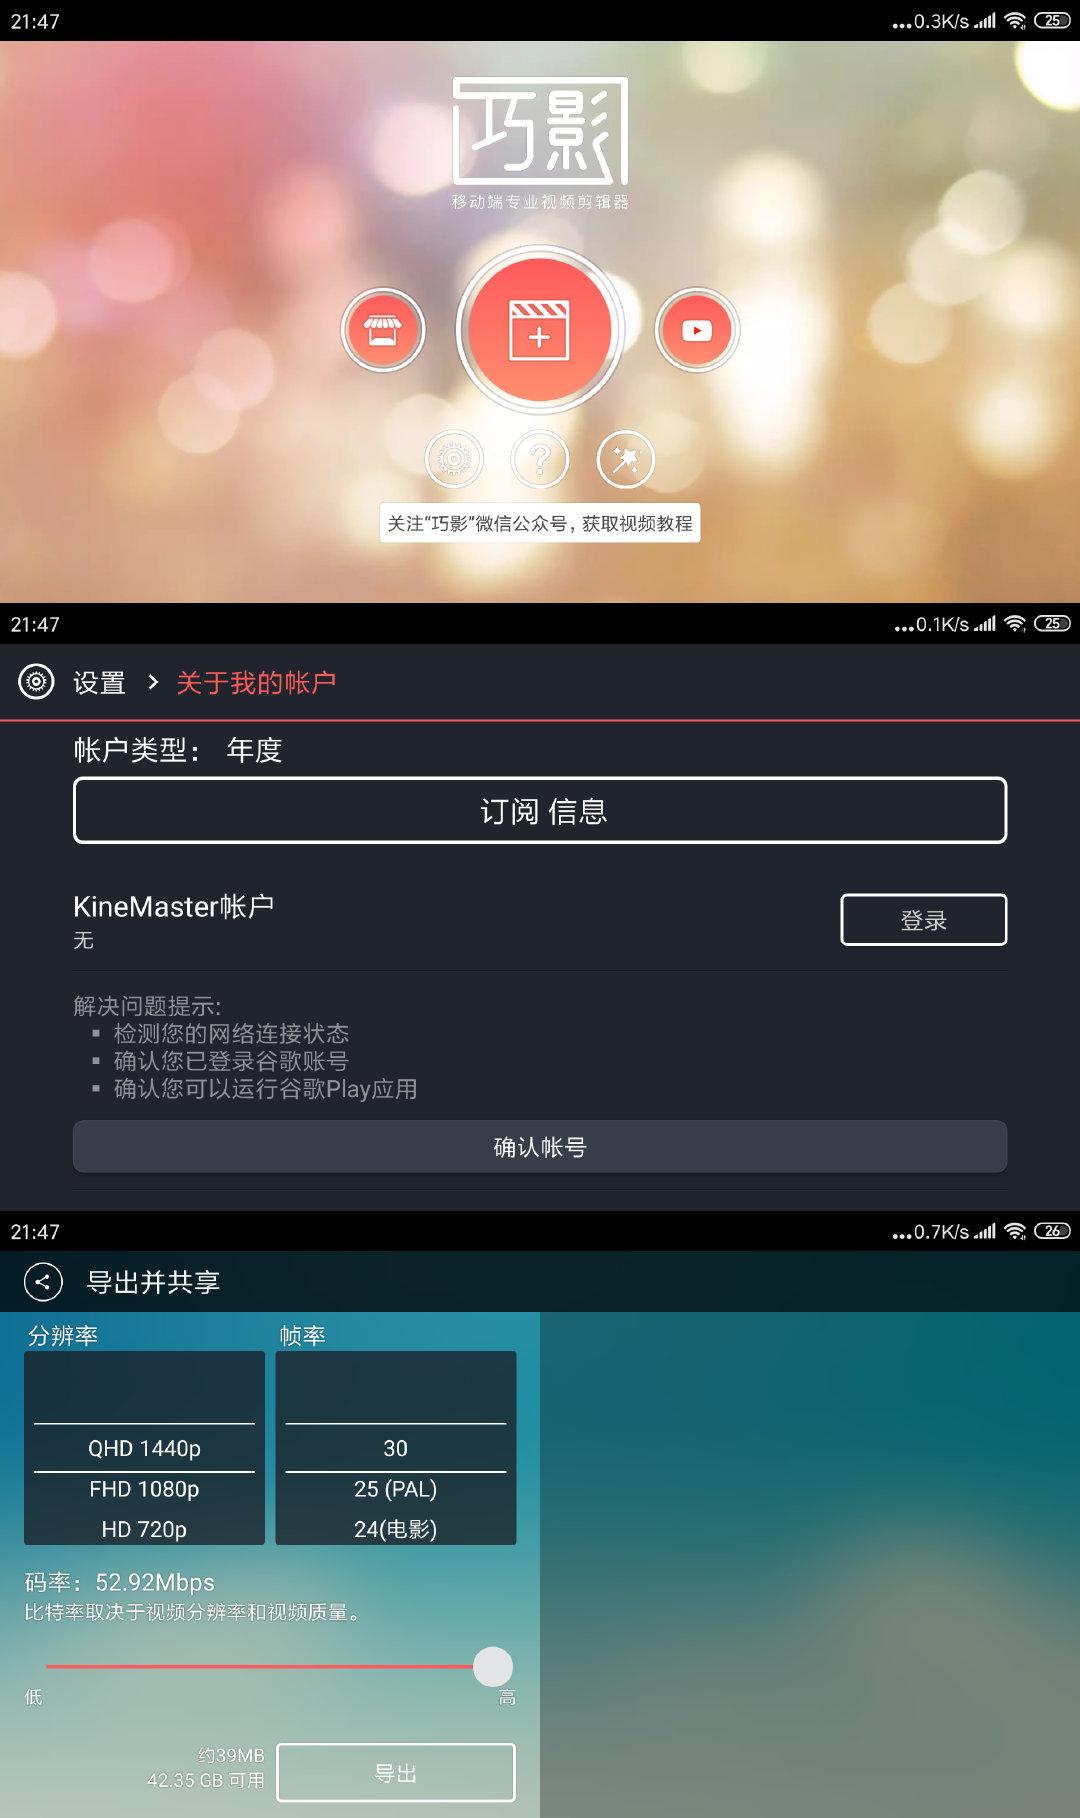 巧影V4.7.3直装完美高级版-自媒体人必备APP